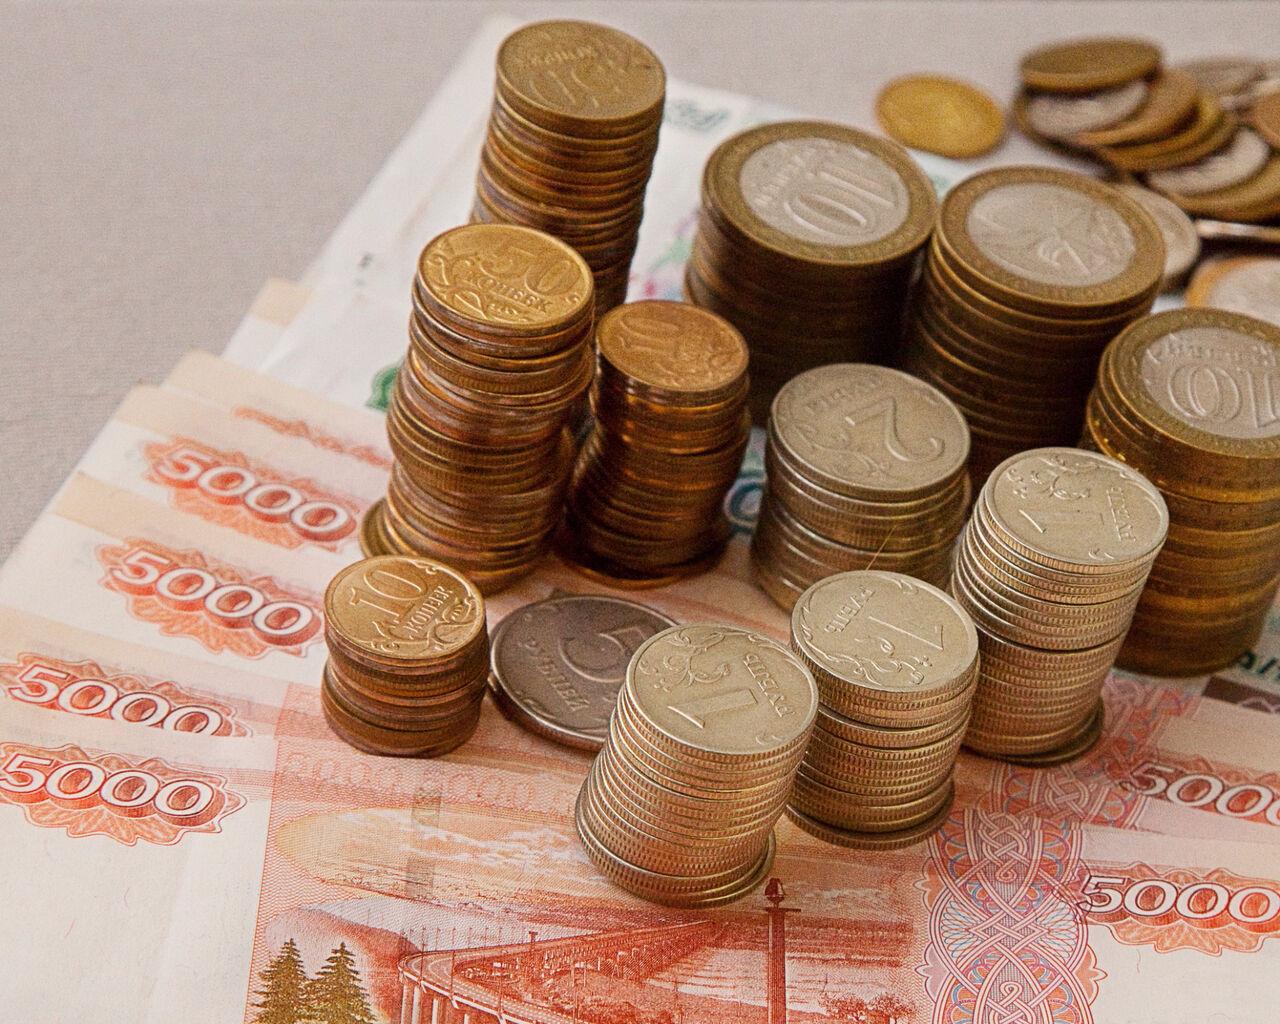 Долг любого жителя Башкирии перед банком составляет 67 тыс. руб.